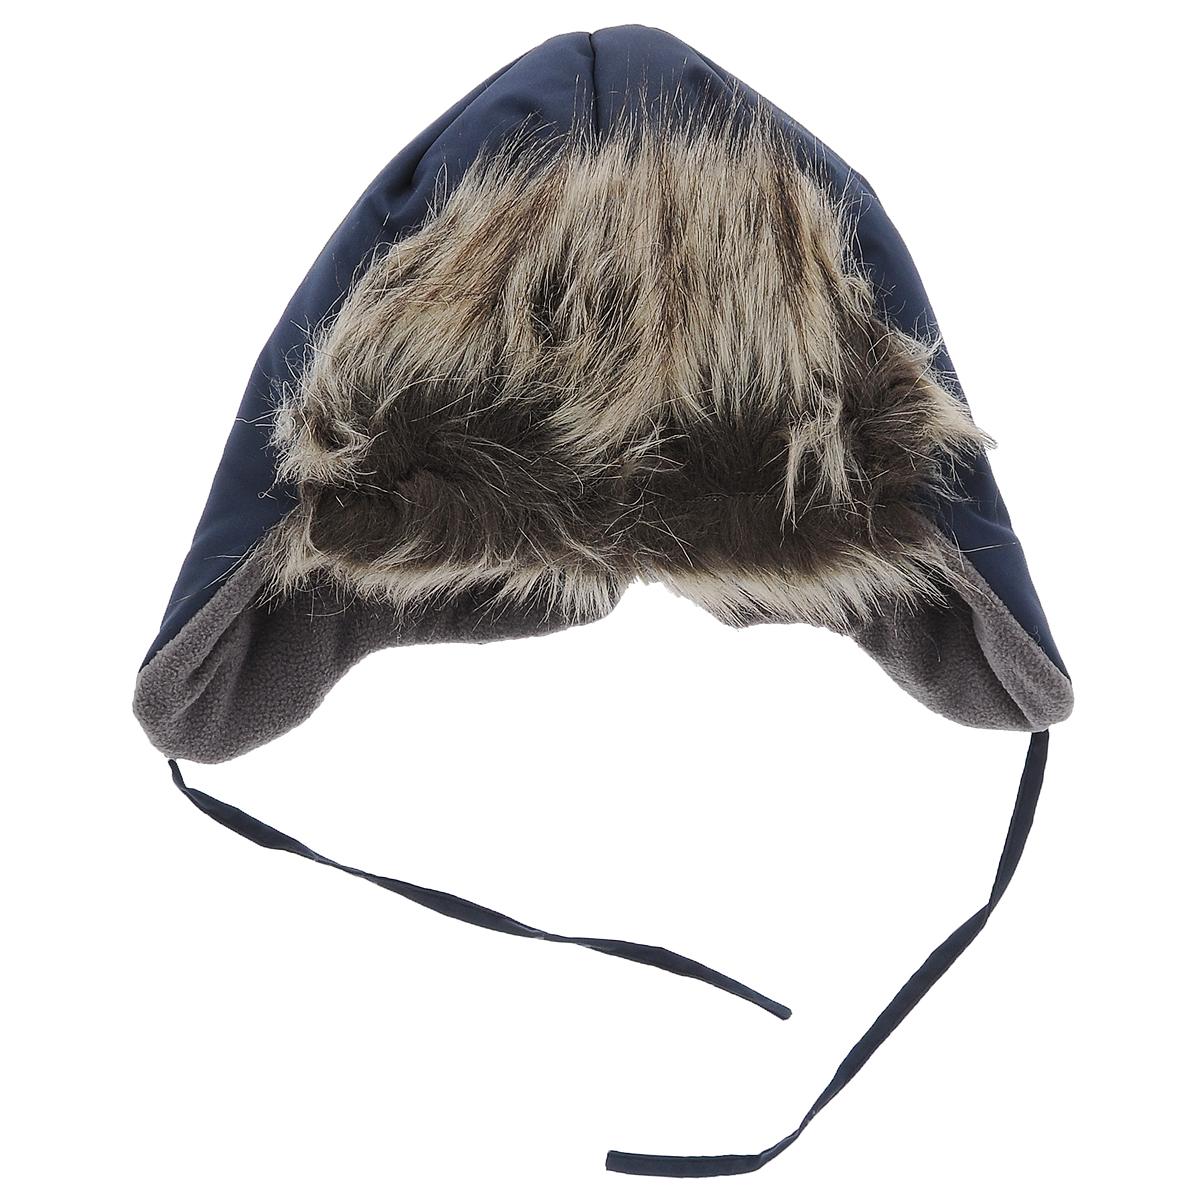 Шапка детская718643_3390Комфортная зимняя детская шапка-ушанка Lassie идеально подойдет для прогулок в холодное время года, защищая ушки и лоб ребенка от ветра. Шапка, выполненная из современной ветрозащитной ткани со специальной обработкой, отталкивающей грязь и влагу, с наполнителем из синтепона. Благодаря специальной дышащей обработке влага выводится на внешнюю поверхность, что обуславливает комфортность изделия. Мягкая подкладка из флиса хорошо сохраняет тепло и обладает отличной гигроскопичностью (не впитывает влагу, но проводит ее). Козырек изготовлен из искусственного меха. На ушках имеются завязки, позволяющие зафиксировать шапку под подбородком. На затылке изделие стянуто на эластичные резинки для лучшего прилегания к голове и дополнено светоотражающим элементом. Оригинальный дизайн и яркая расцветка делают эту шапку модным и стильным предметом детского гардероба. В ней ваш ребенок будет чувствовать себя уютно и комфортно и всегда будет в центре внимания! ...